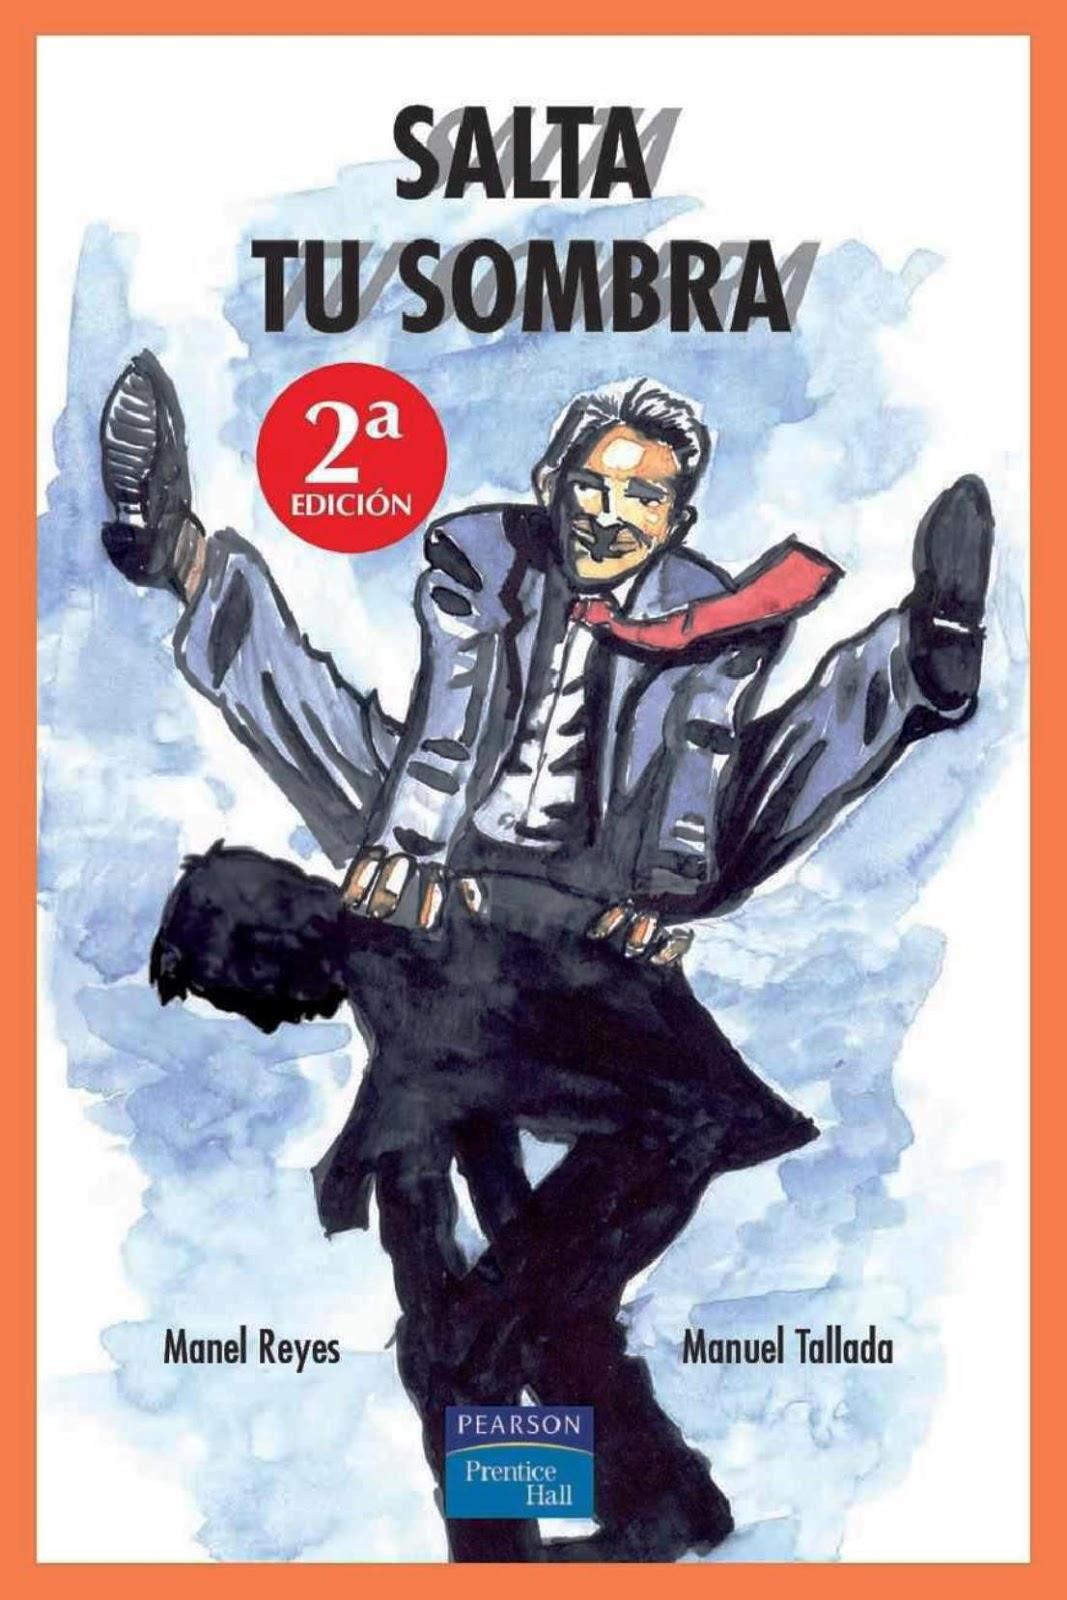 Salta tu sombra, 2da Edición – Manel Reyes